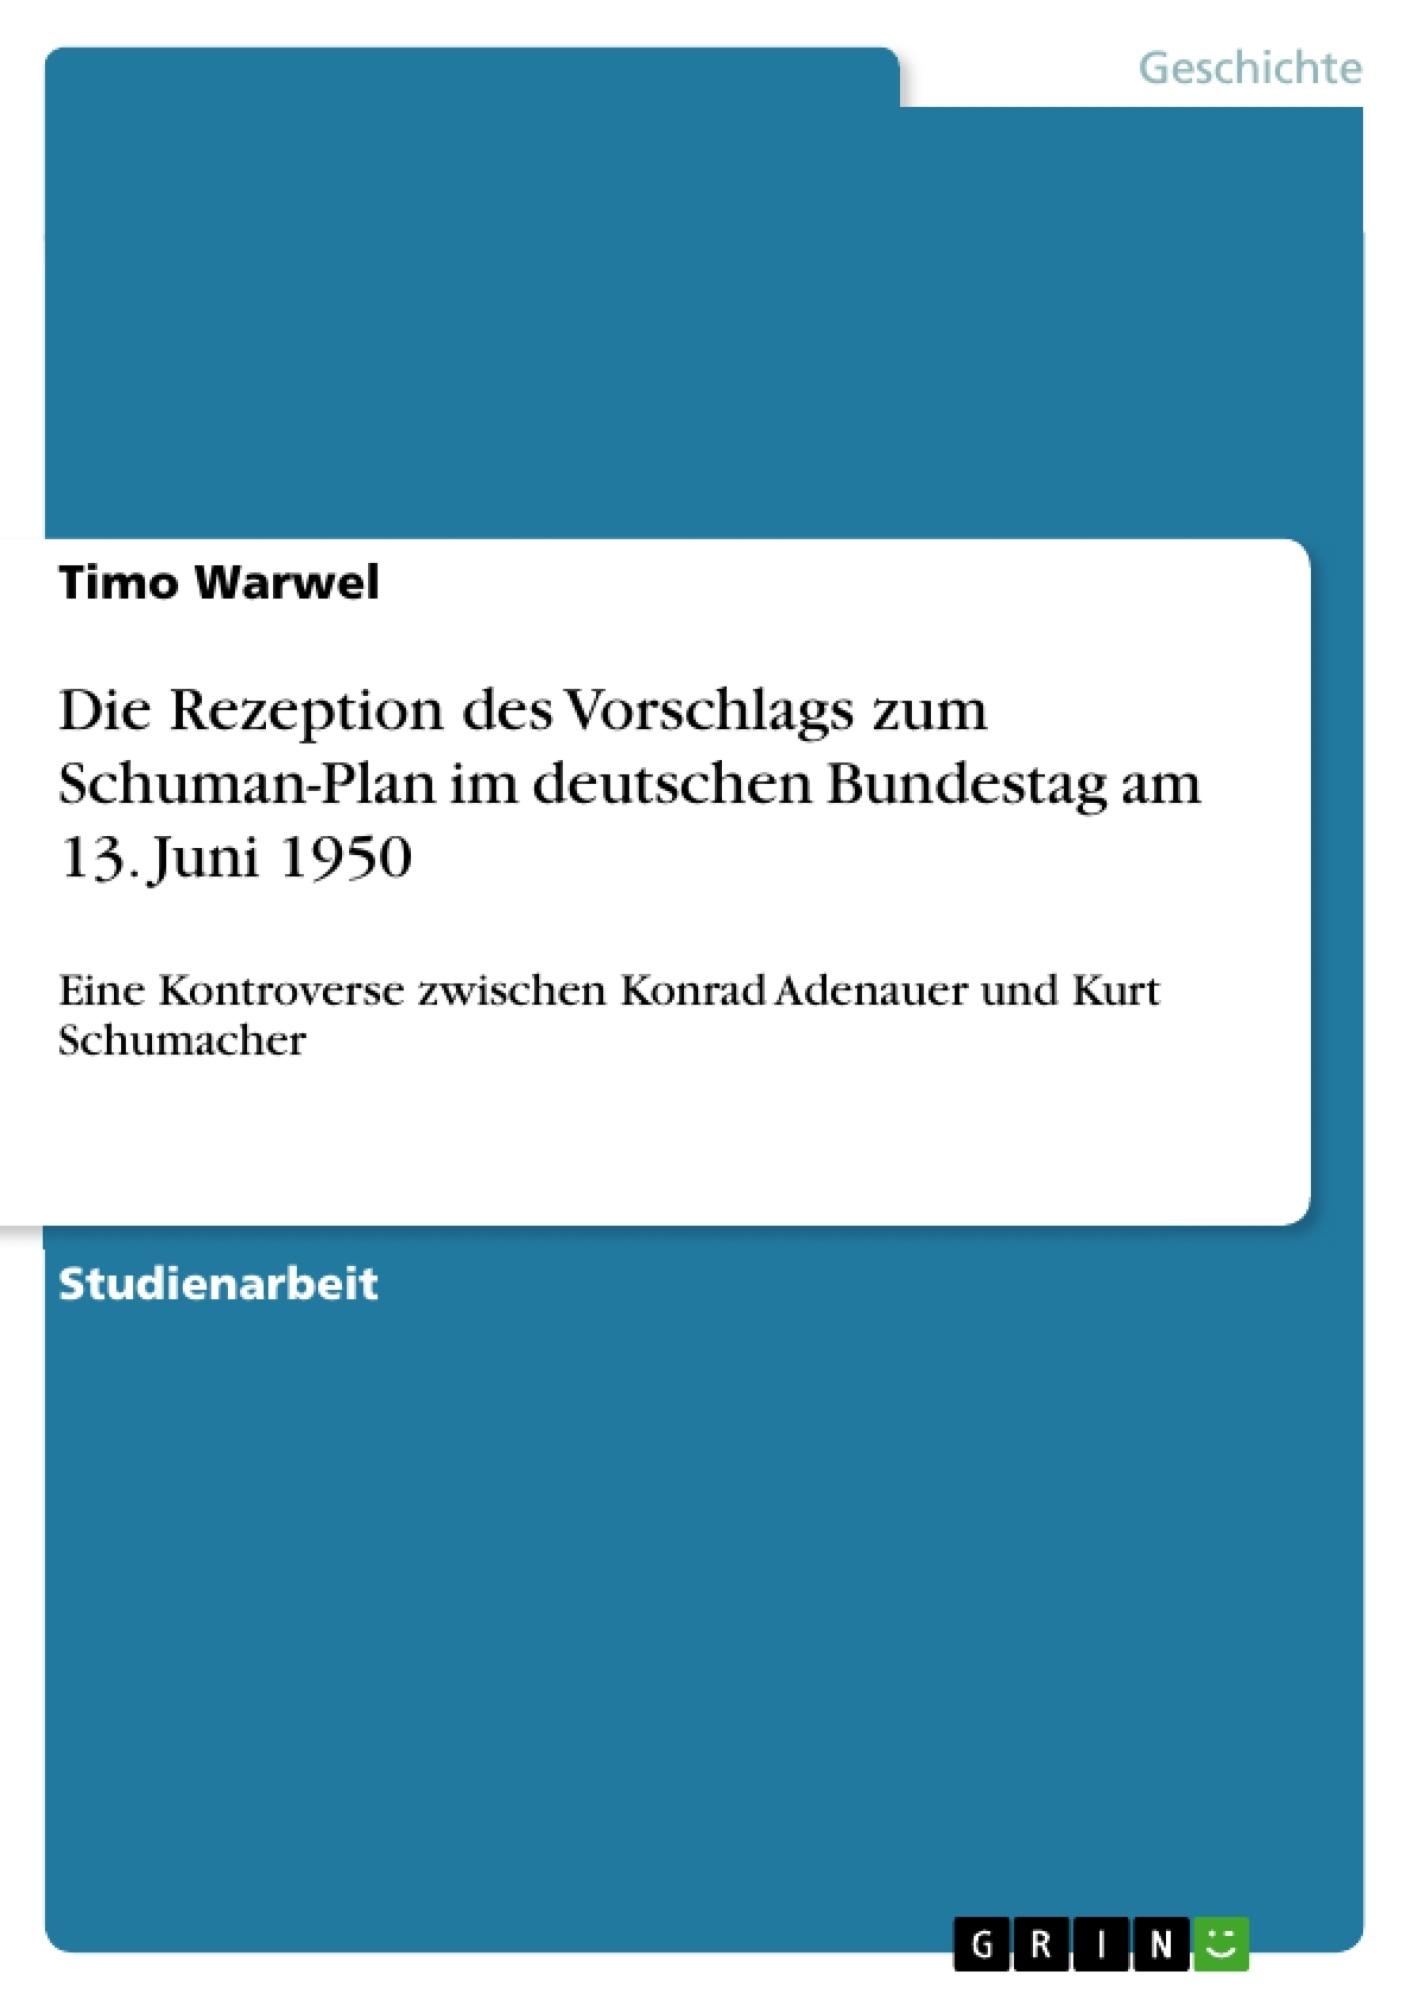 Titel: Die Rezeption des Vorschlags zum Schuman-Plan im deutschen Bundestag am 13. Juni 1950